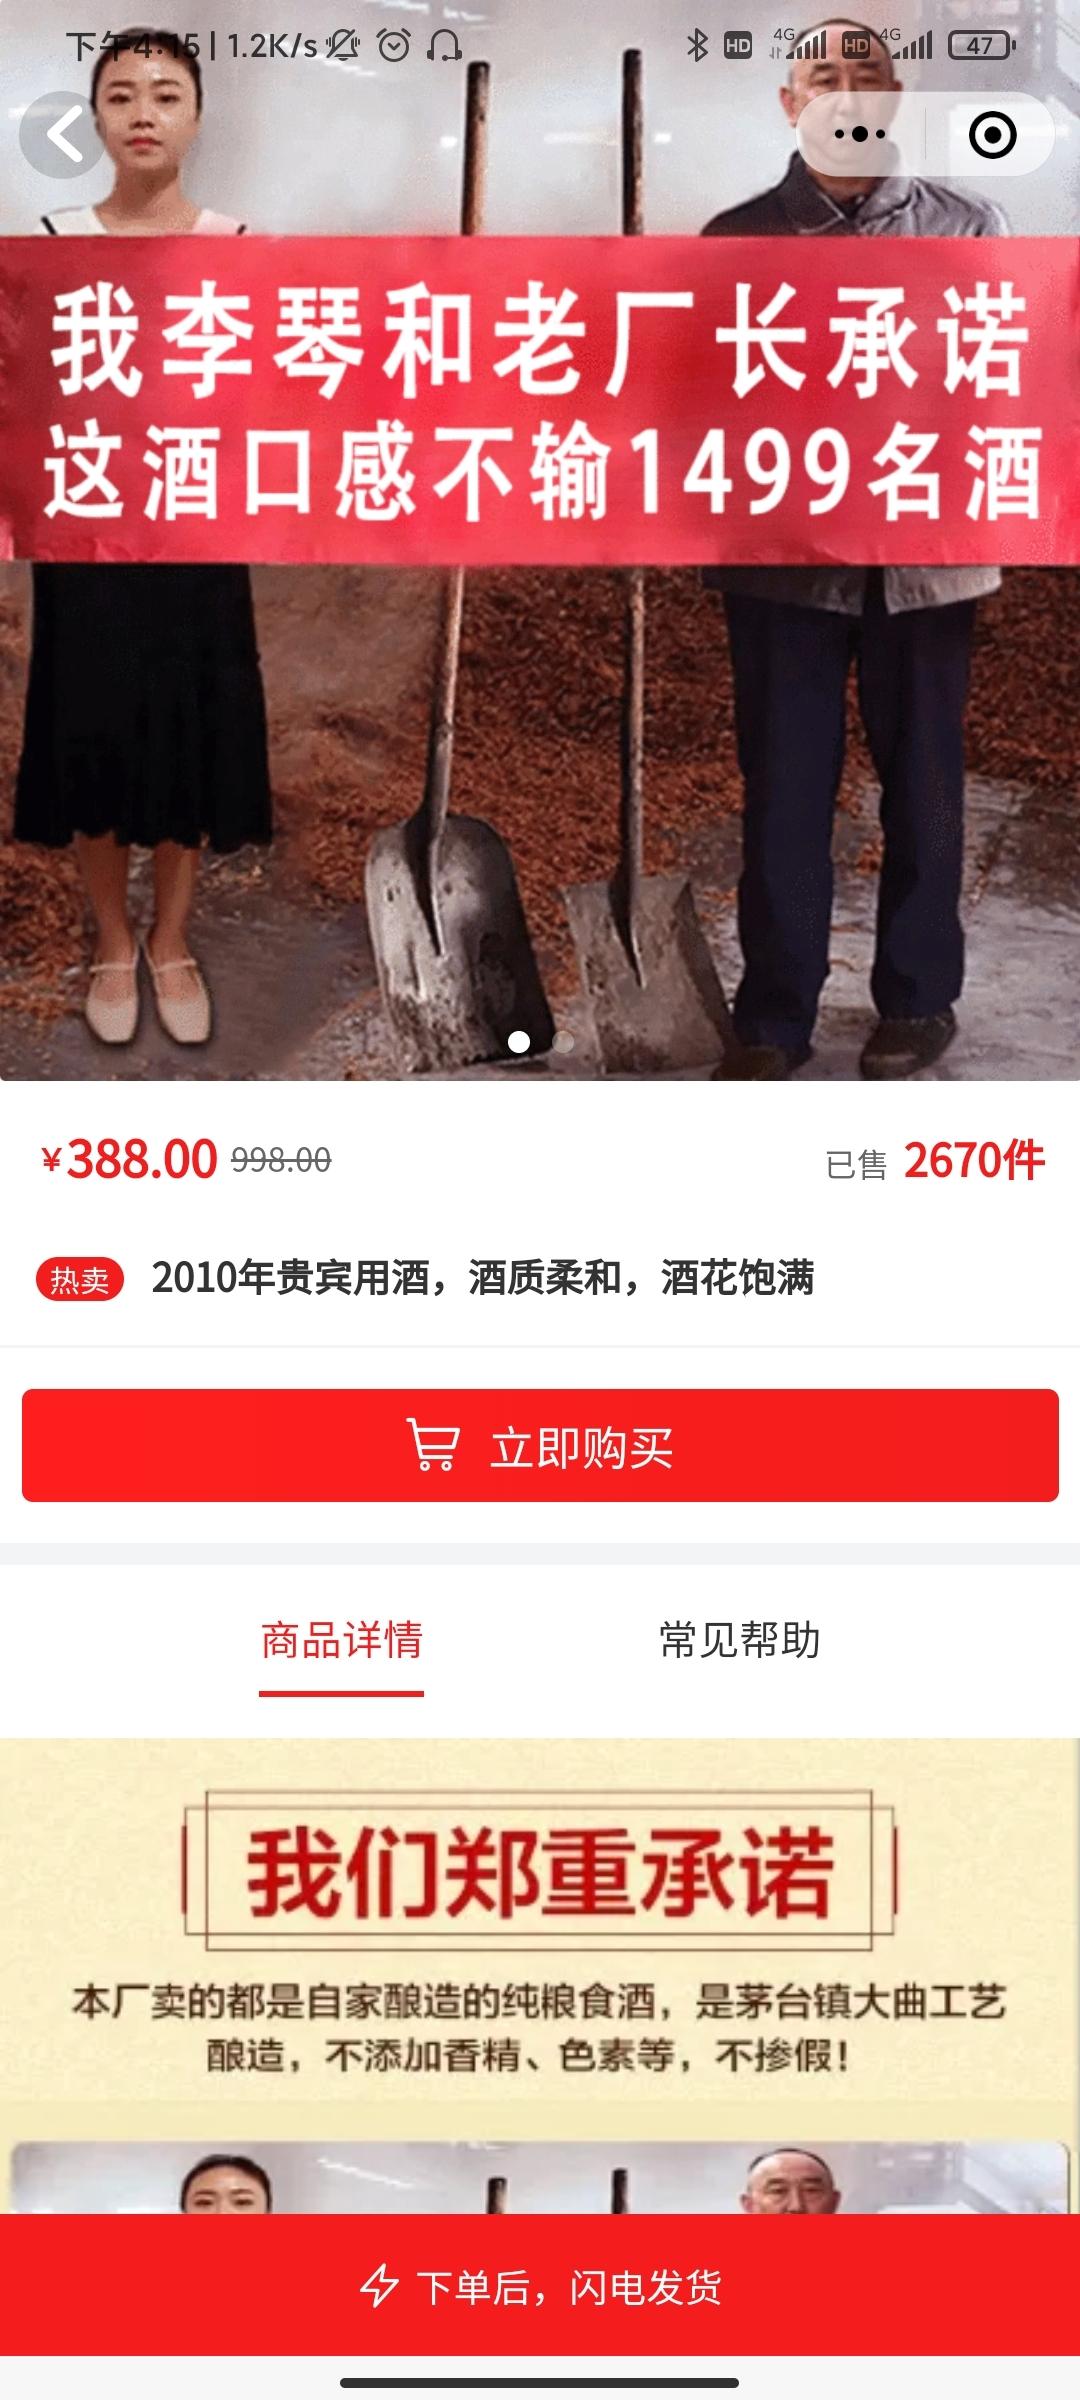 不良商贩虚假宣传文案 图片来源:受访者供图